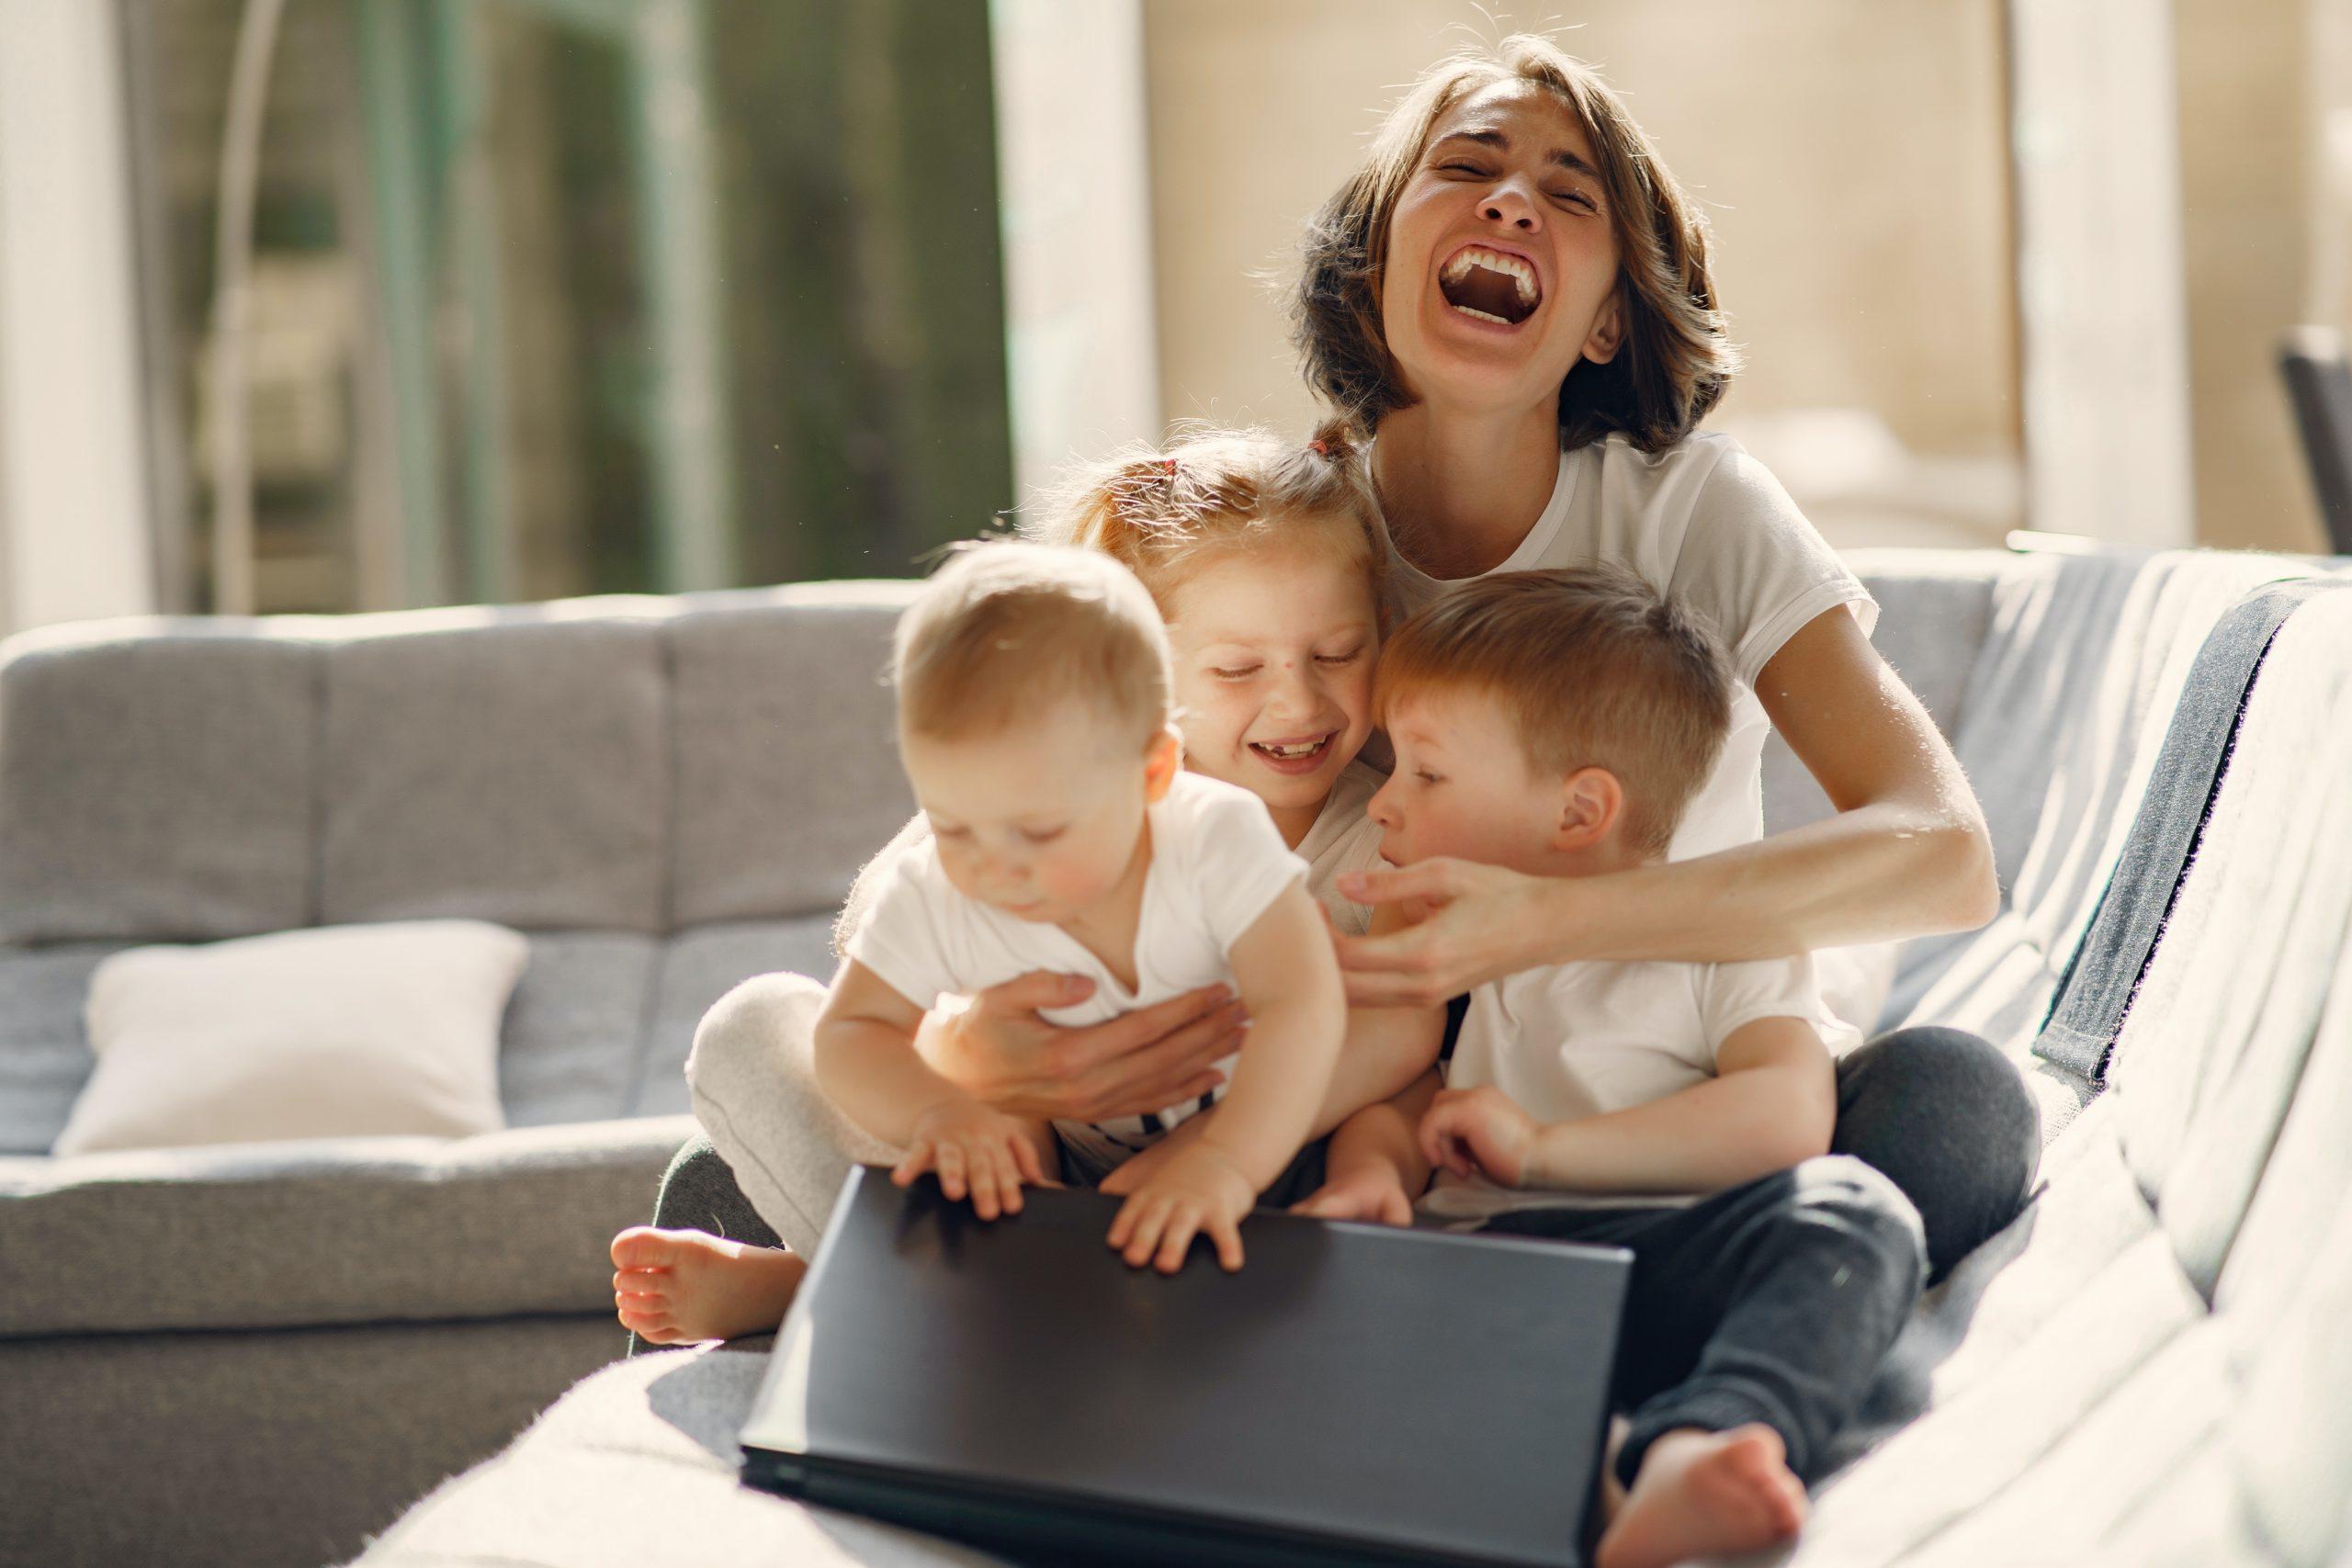 母子及び父子並びに寡婦福祉とは